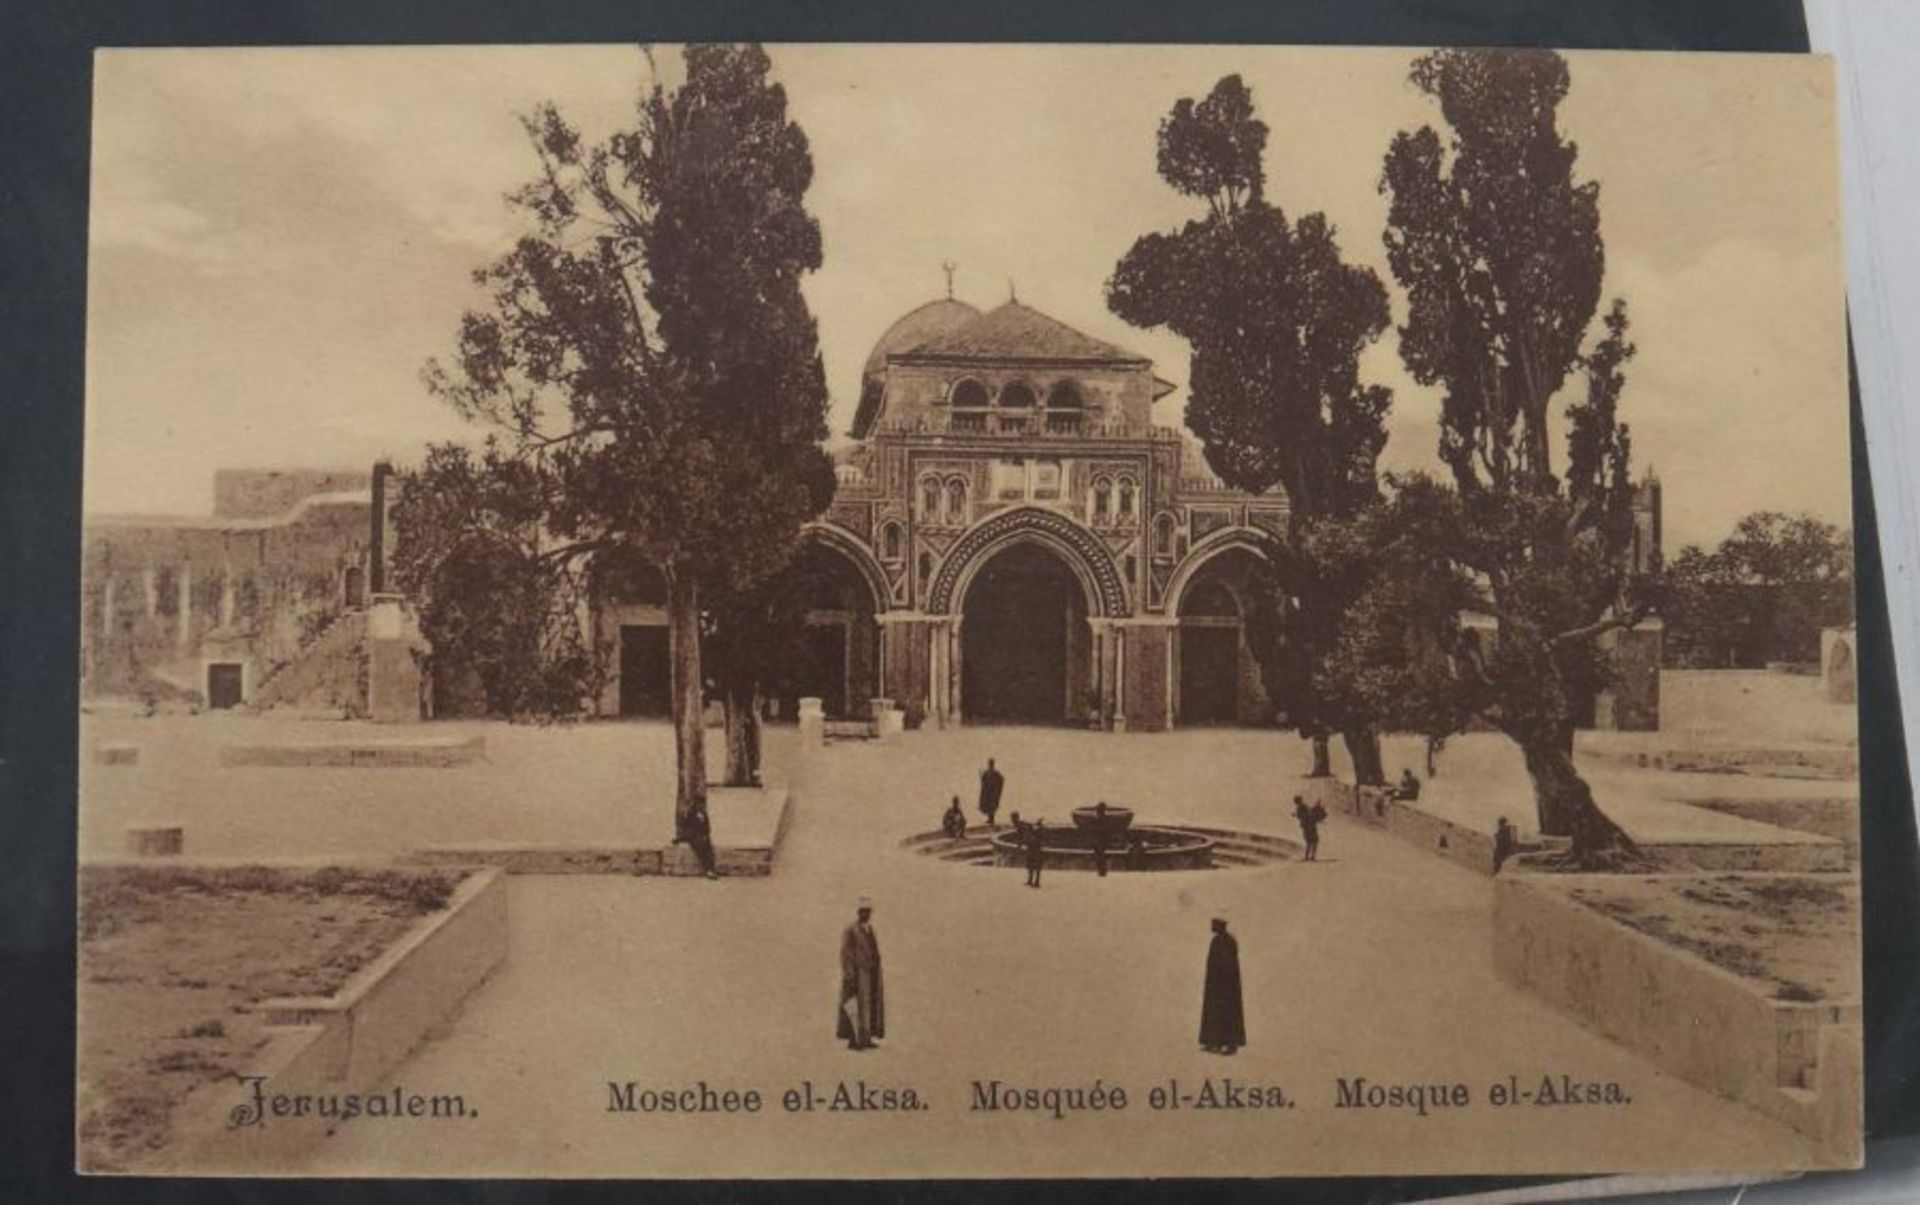 Kleine Postkarten-Sammlung mit ca. 10 handgeschriebenen Briefen um ca. 1900, ca. 55 Postkarten - Bild 3 aus 7